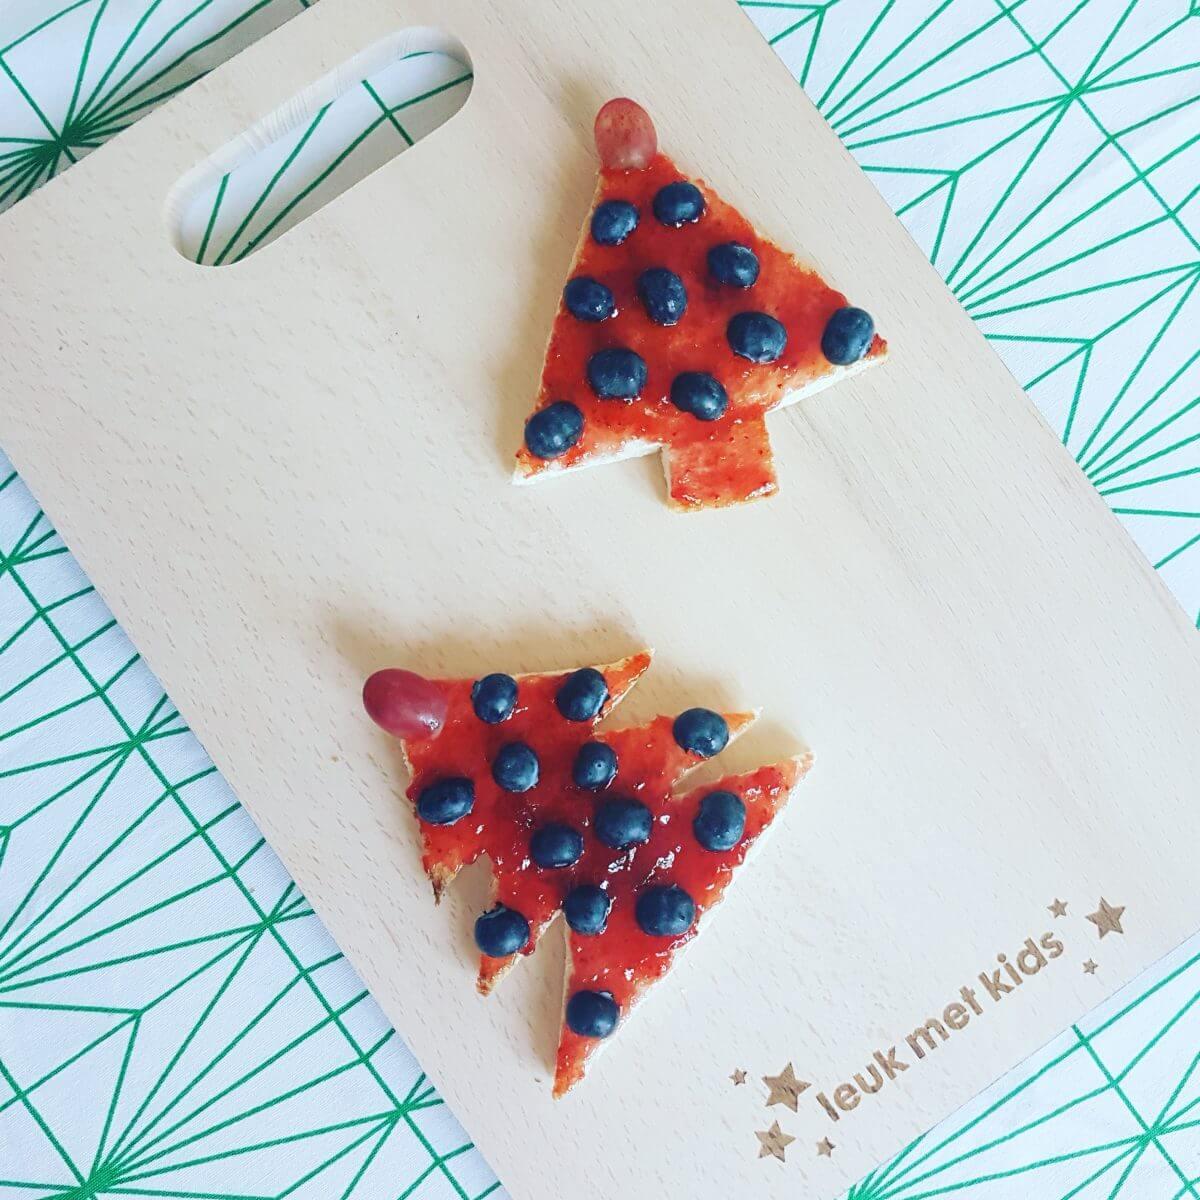 De leukste kindvriendelijke recepten voor kerstdiner en kerstontbijt - op school en thuis - kerstboom gemaakt van brood, jam en fruit